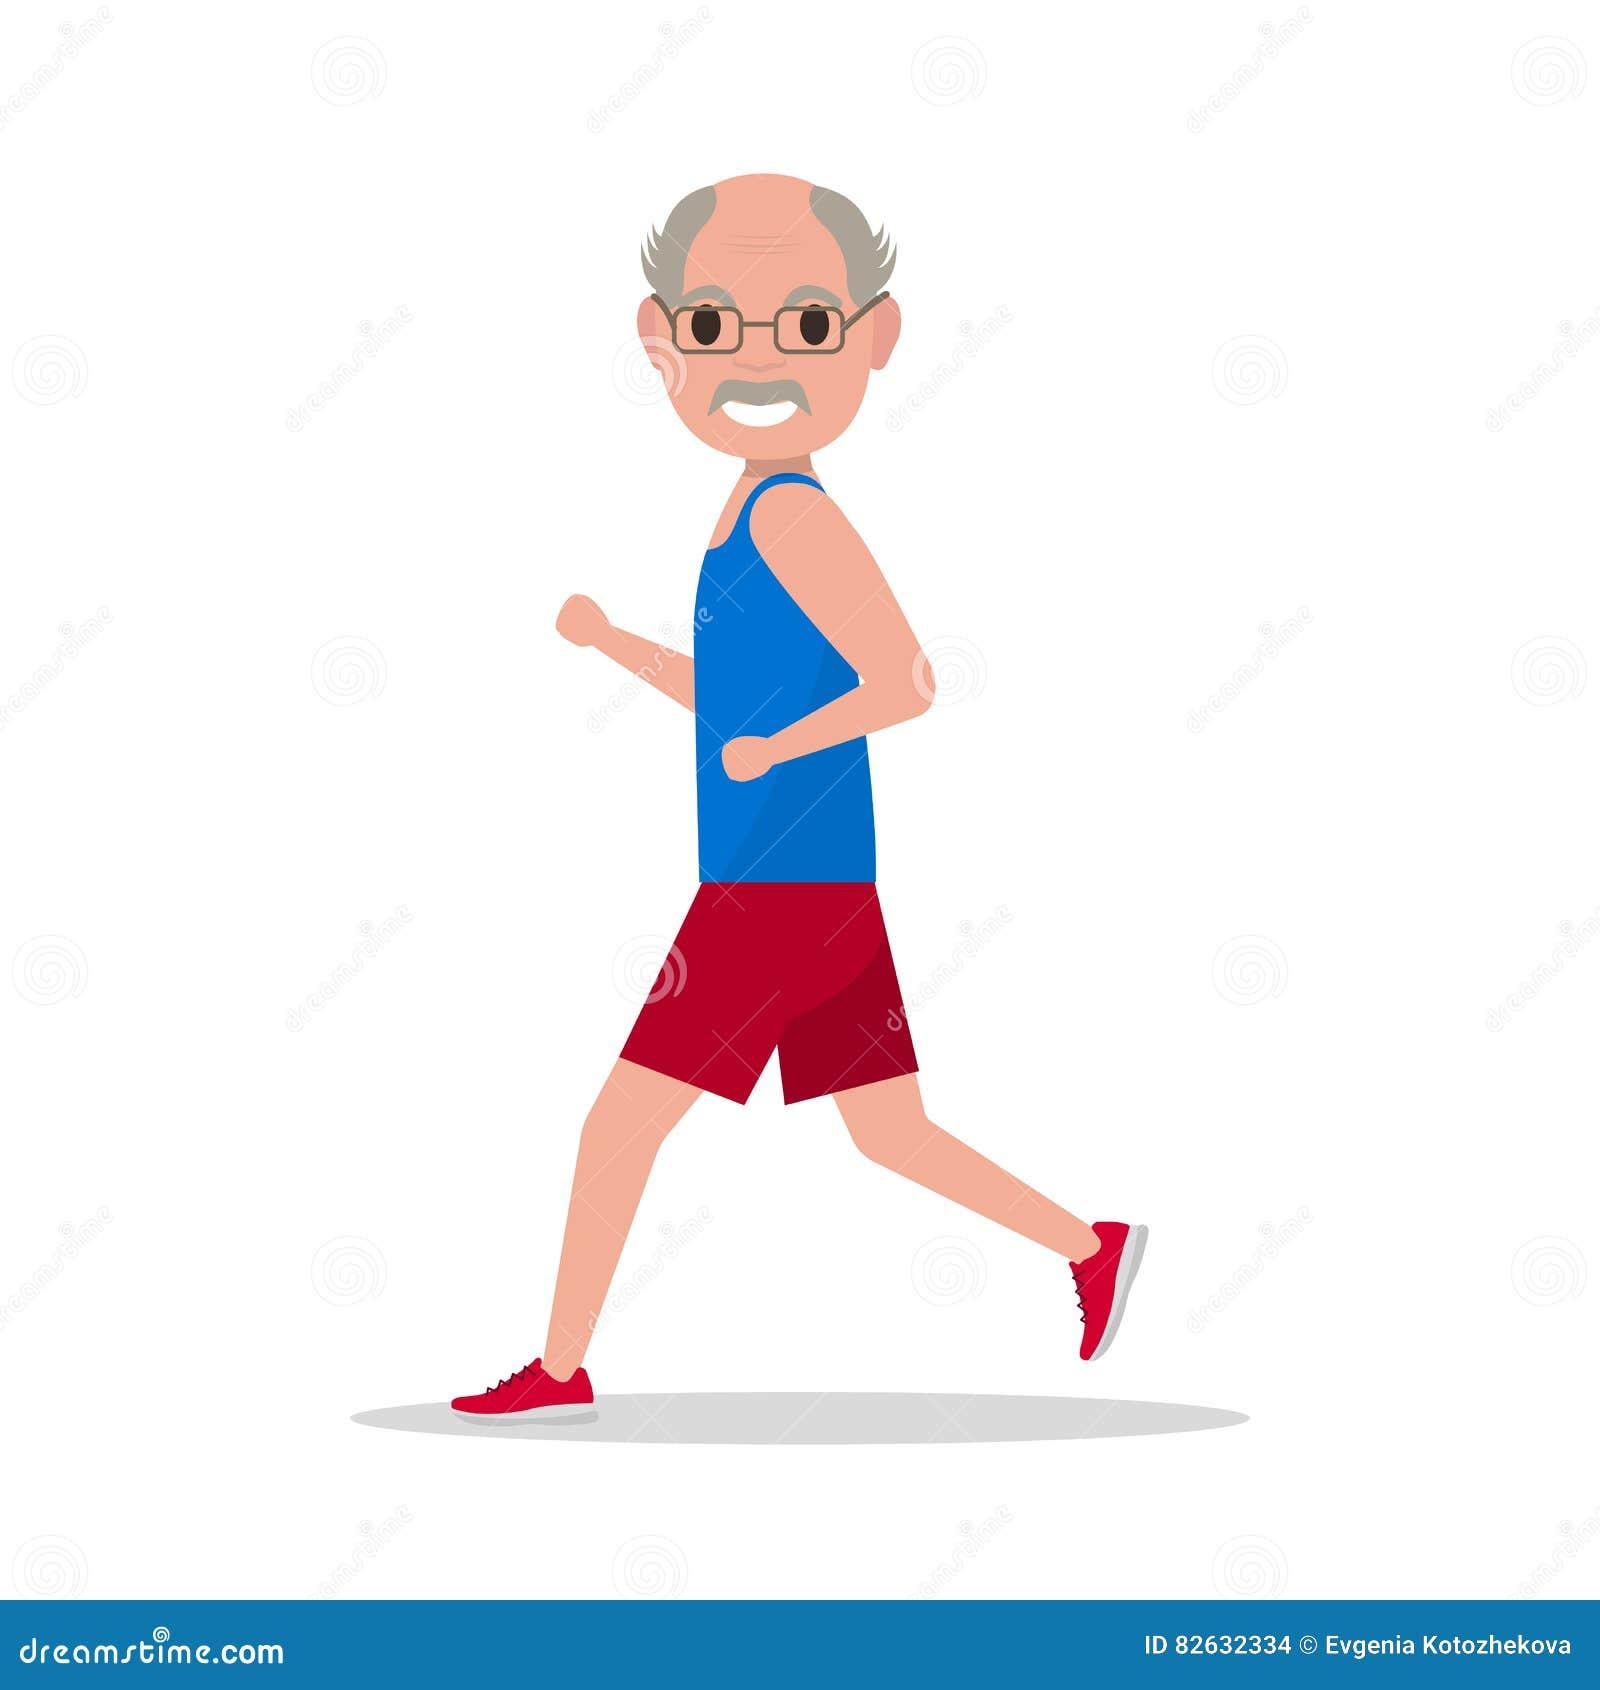 Old man running cartoon